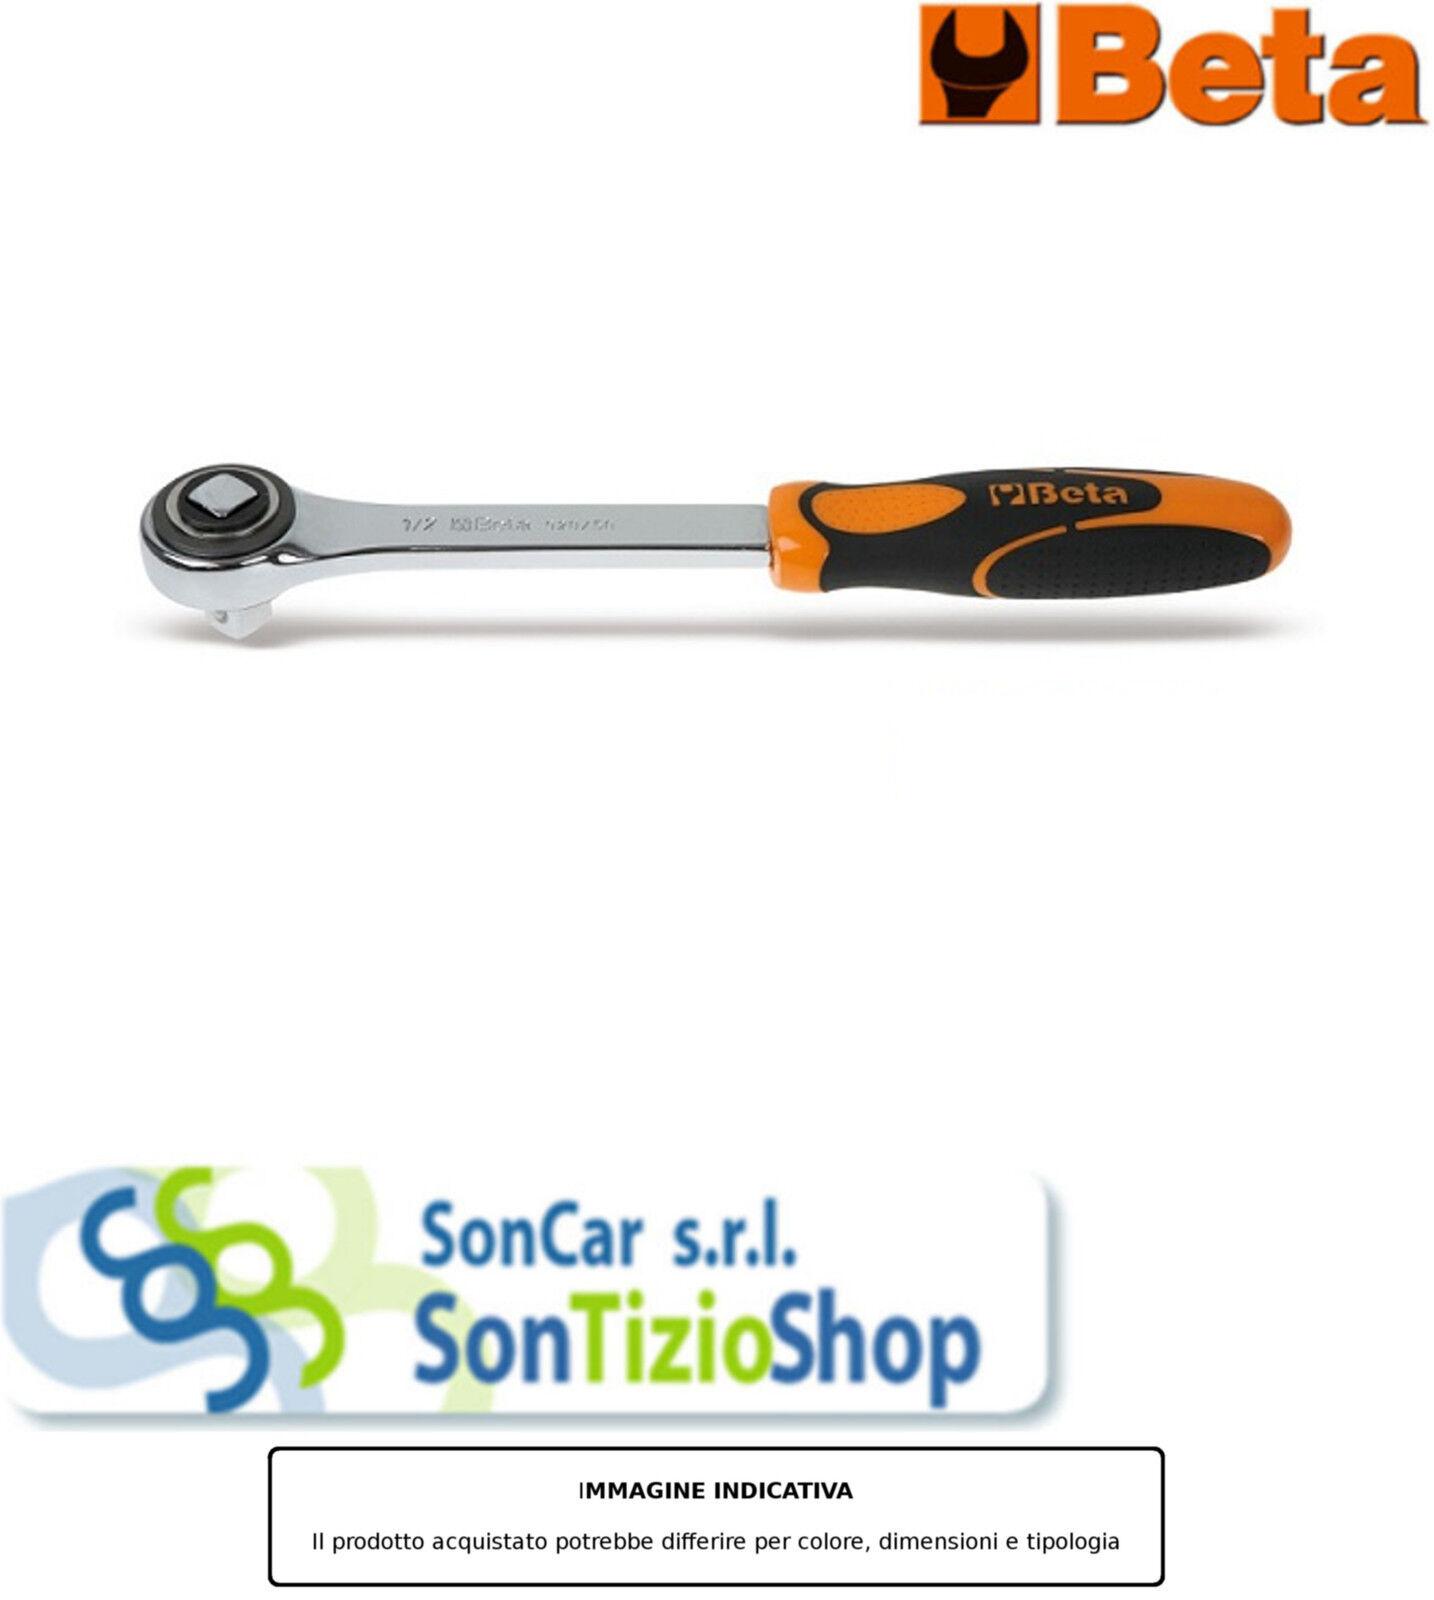 BETA 920  50 Produkt Original  Ratschen einfach 1 2 NI  50